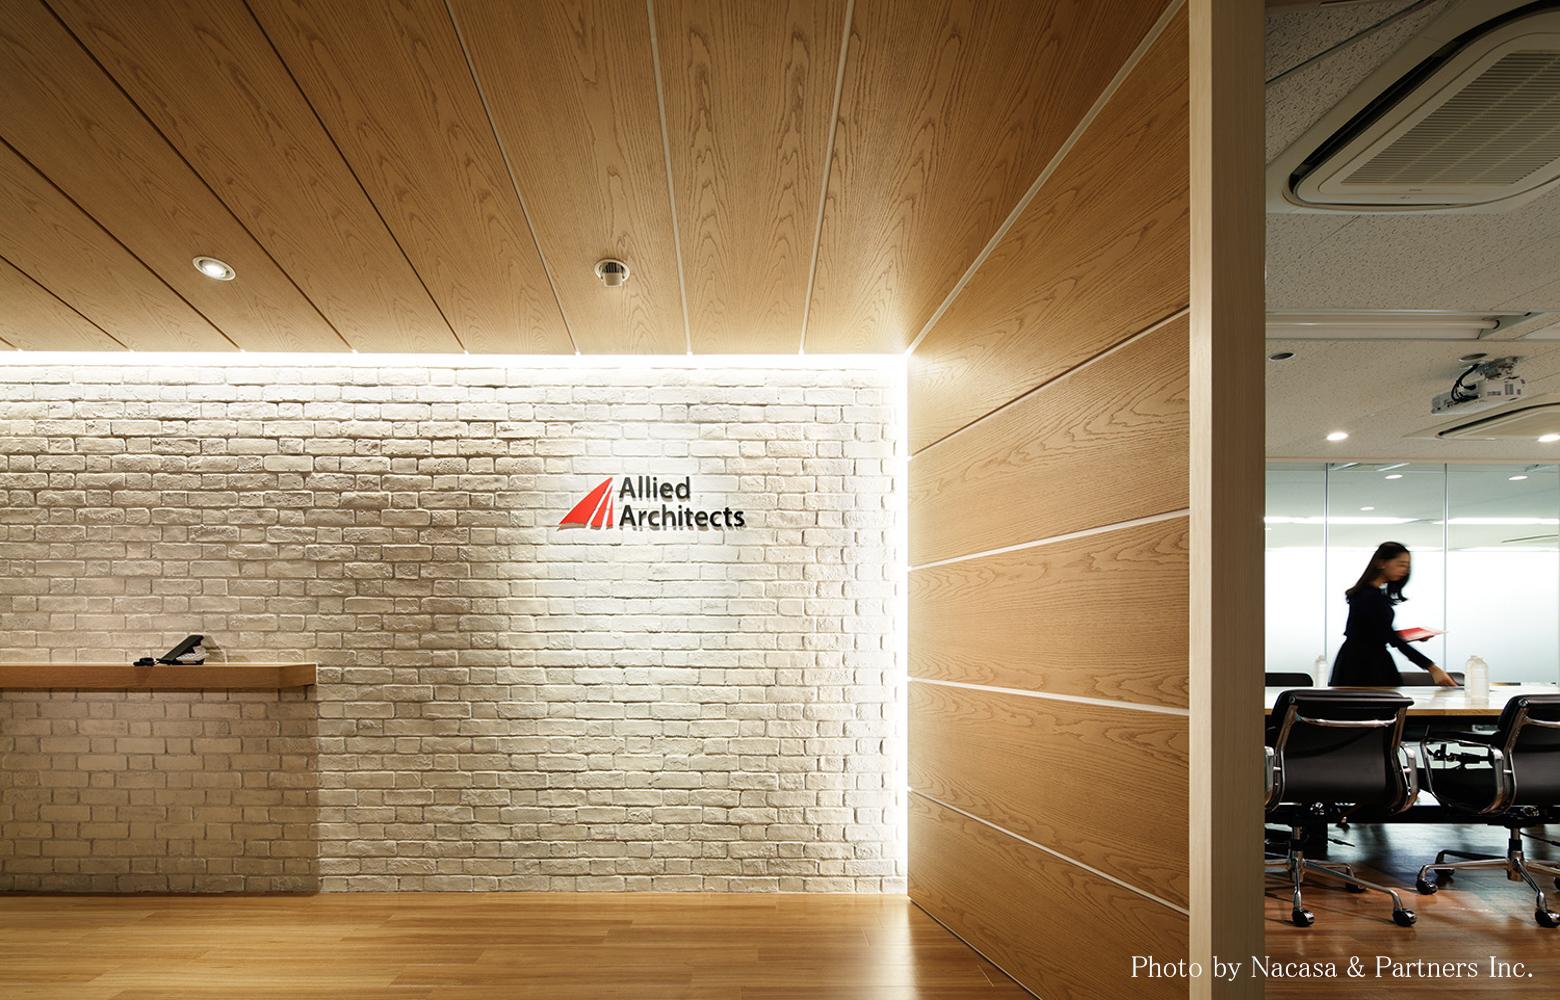 アライドアーキテクツ株式会社 vol.2 Entrance_2 デザイン・レイアウト事例